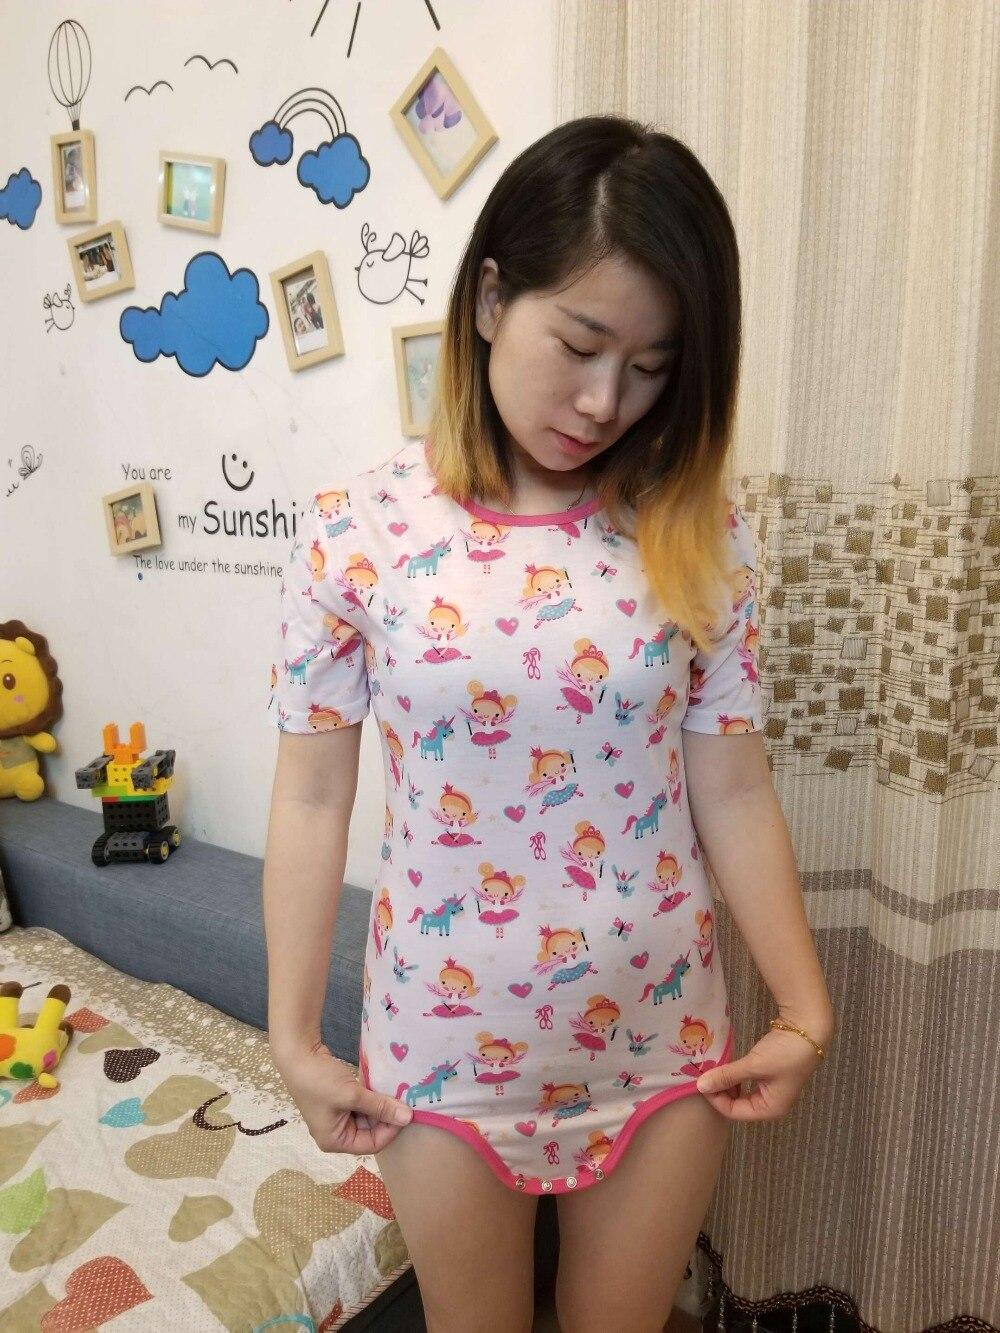 Sporting Zehn @ Nacht Frauen Onesie Erwachsene Baby Affe Pyjamas Abdl Strampler Snap Gabelung